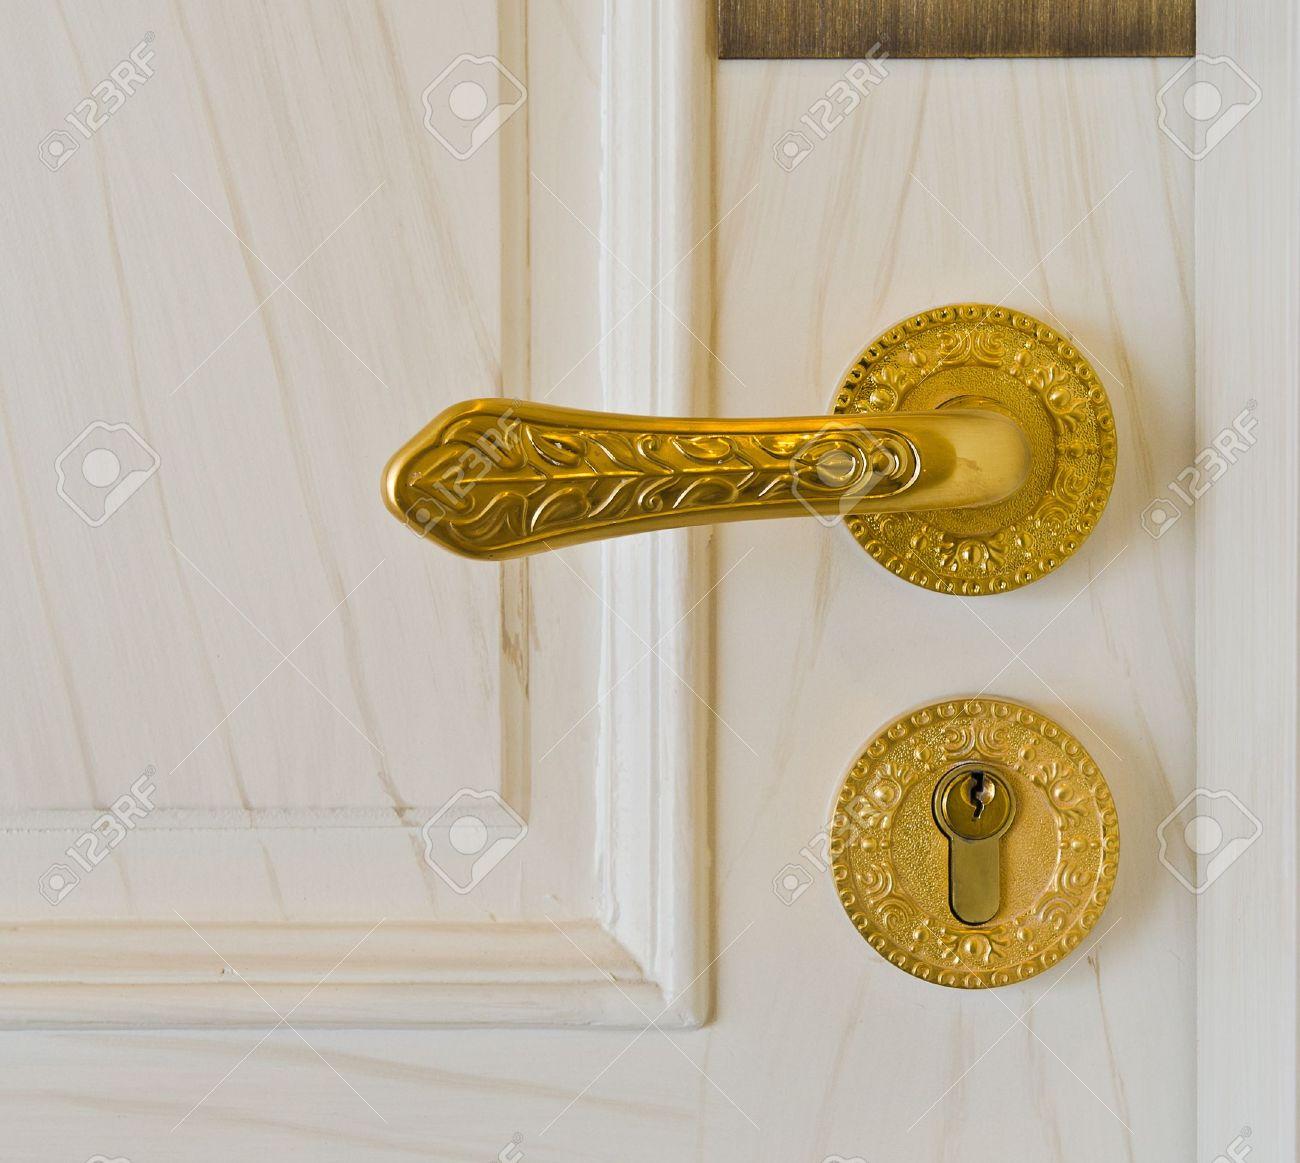 golden door handle and deadbolt on wooden door Stock Photo - 10993821 & Golden Door Handle And Deadbolt On Wooden Door Stock Photo ... Pezcame.Com